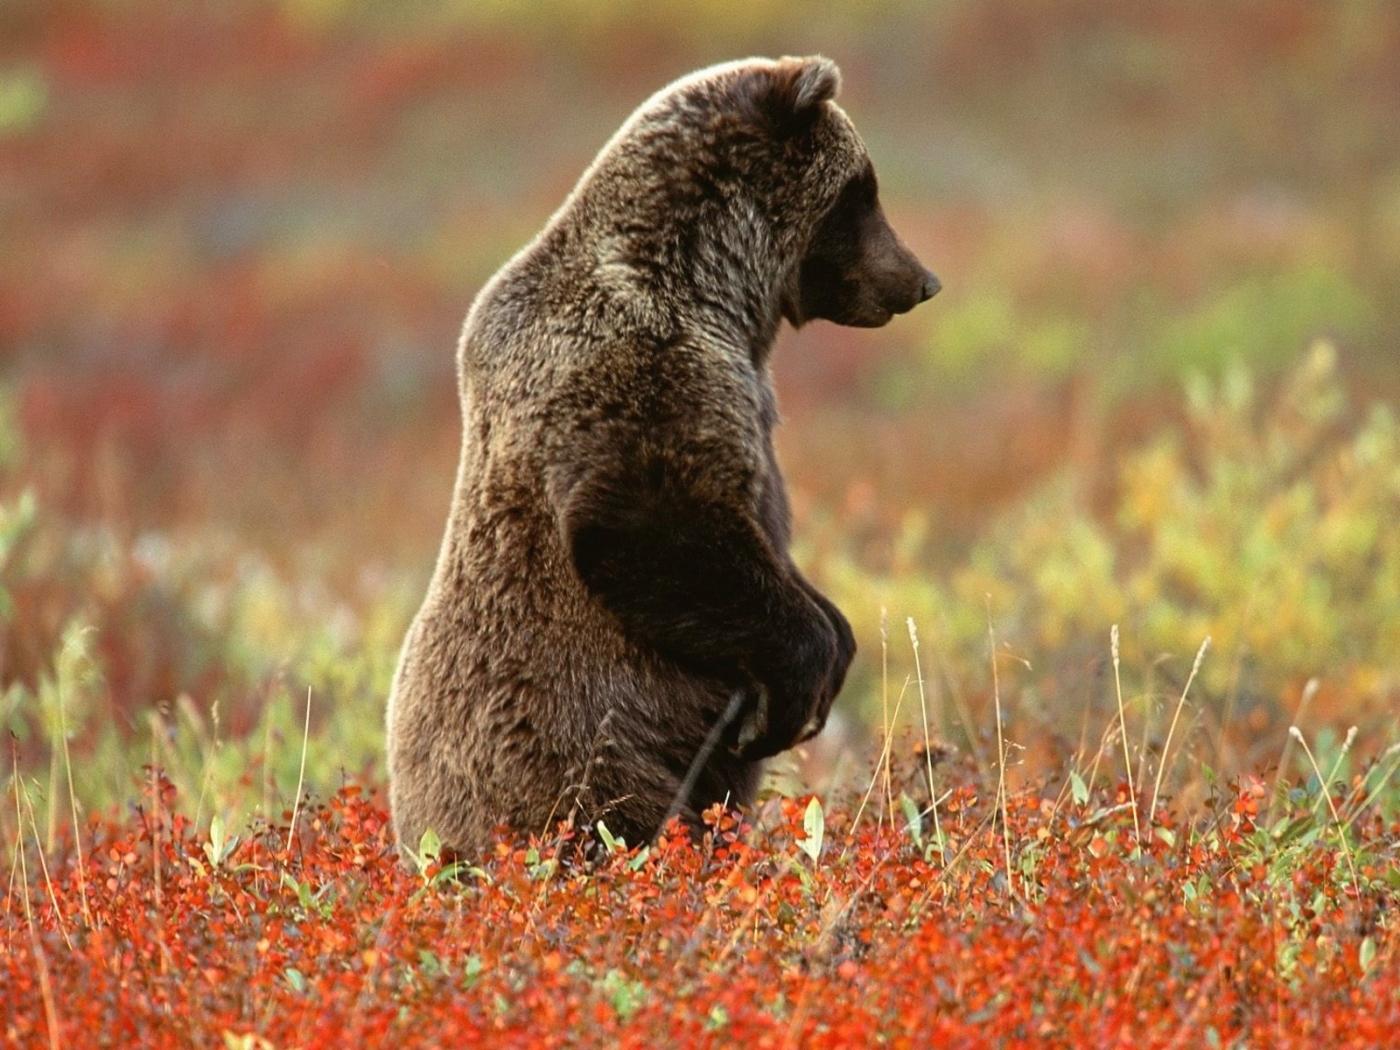 40449 Заставки и Обои Медведи на телефон. Скачать Медведи, Животные картинки бесплатно